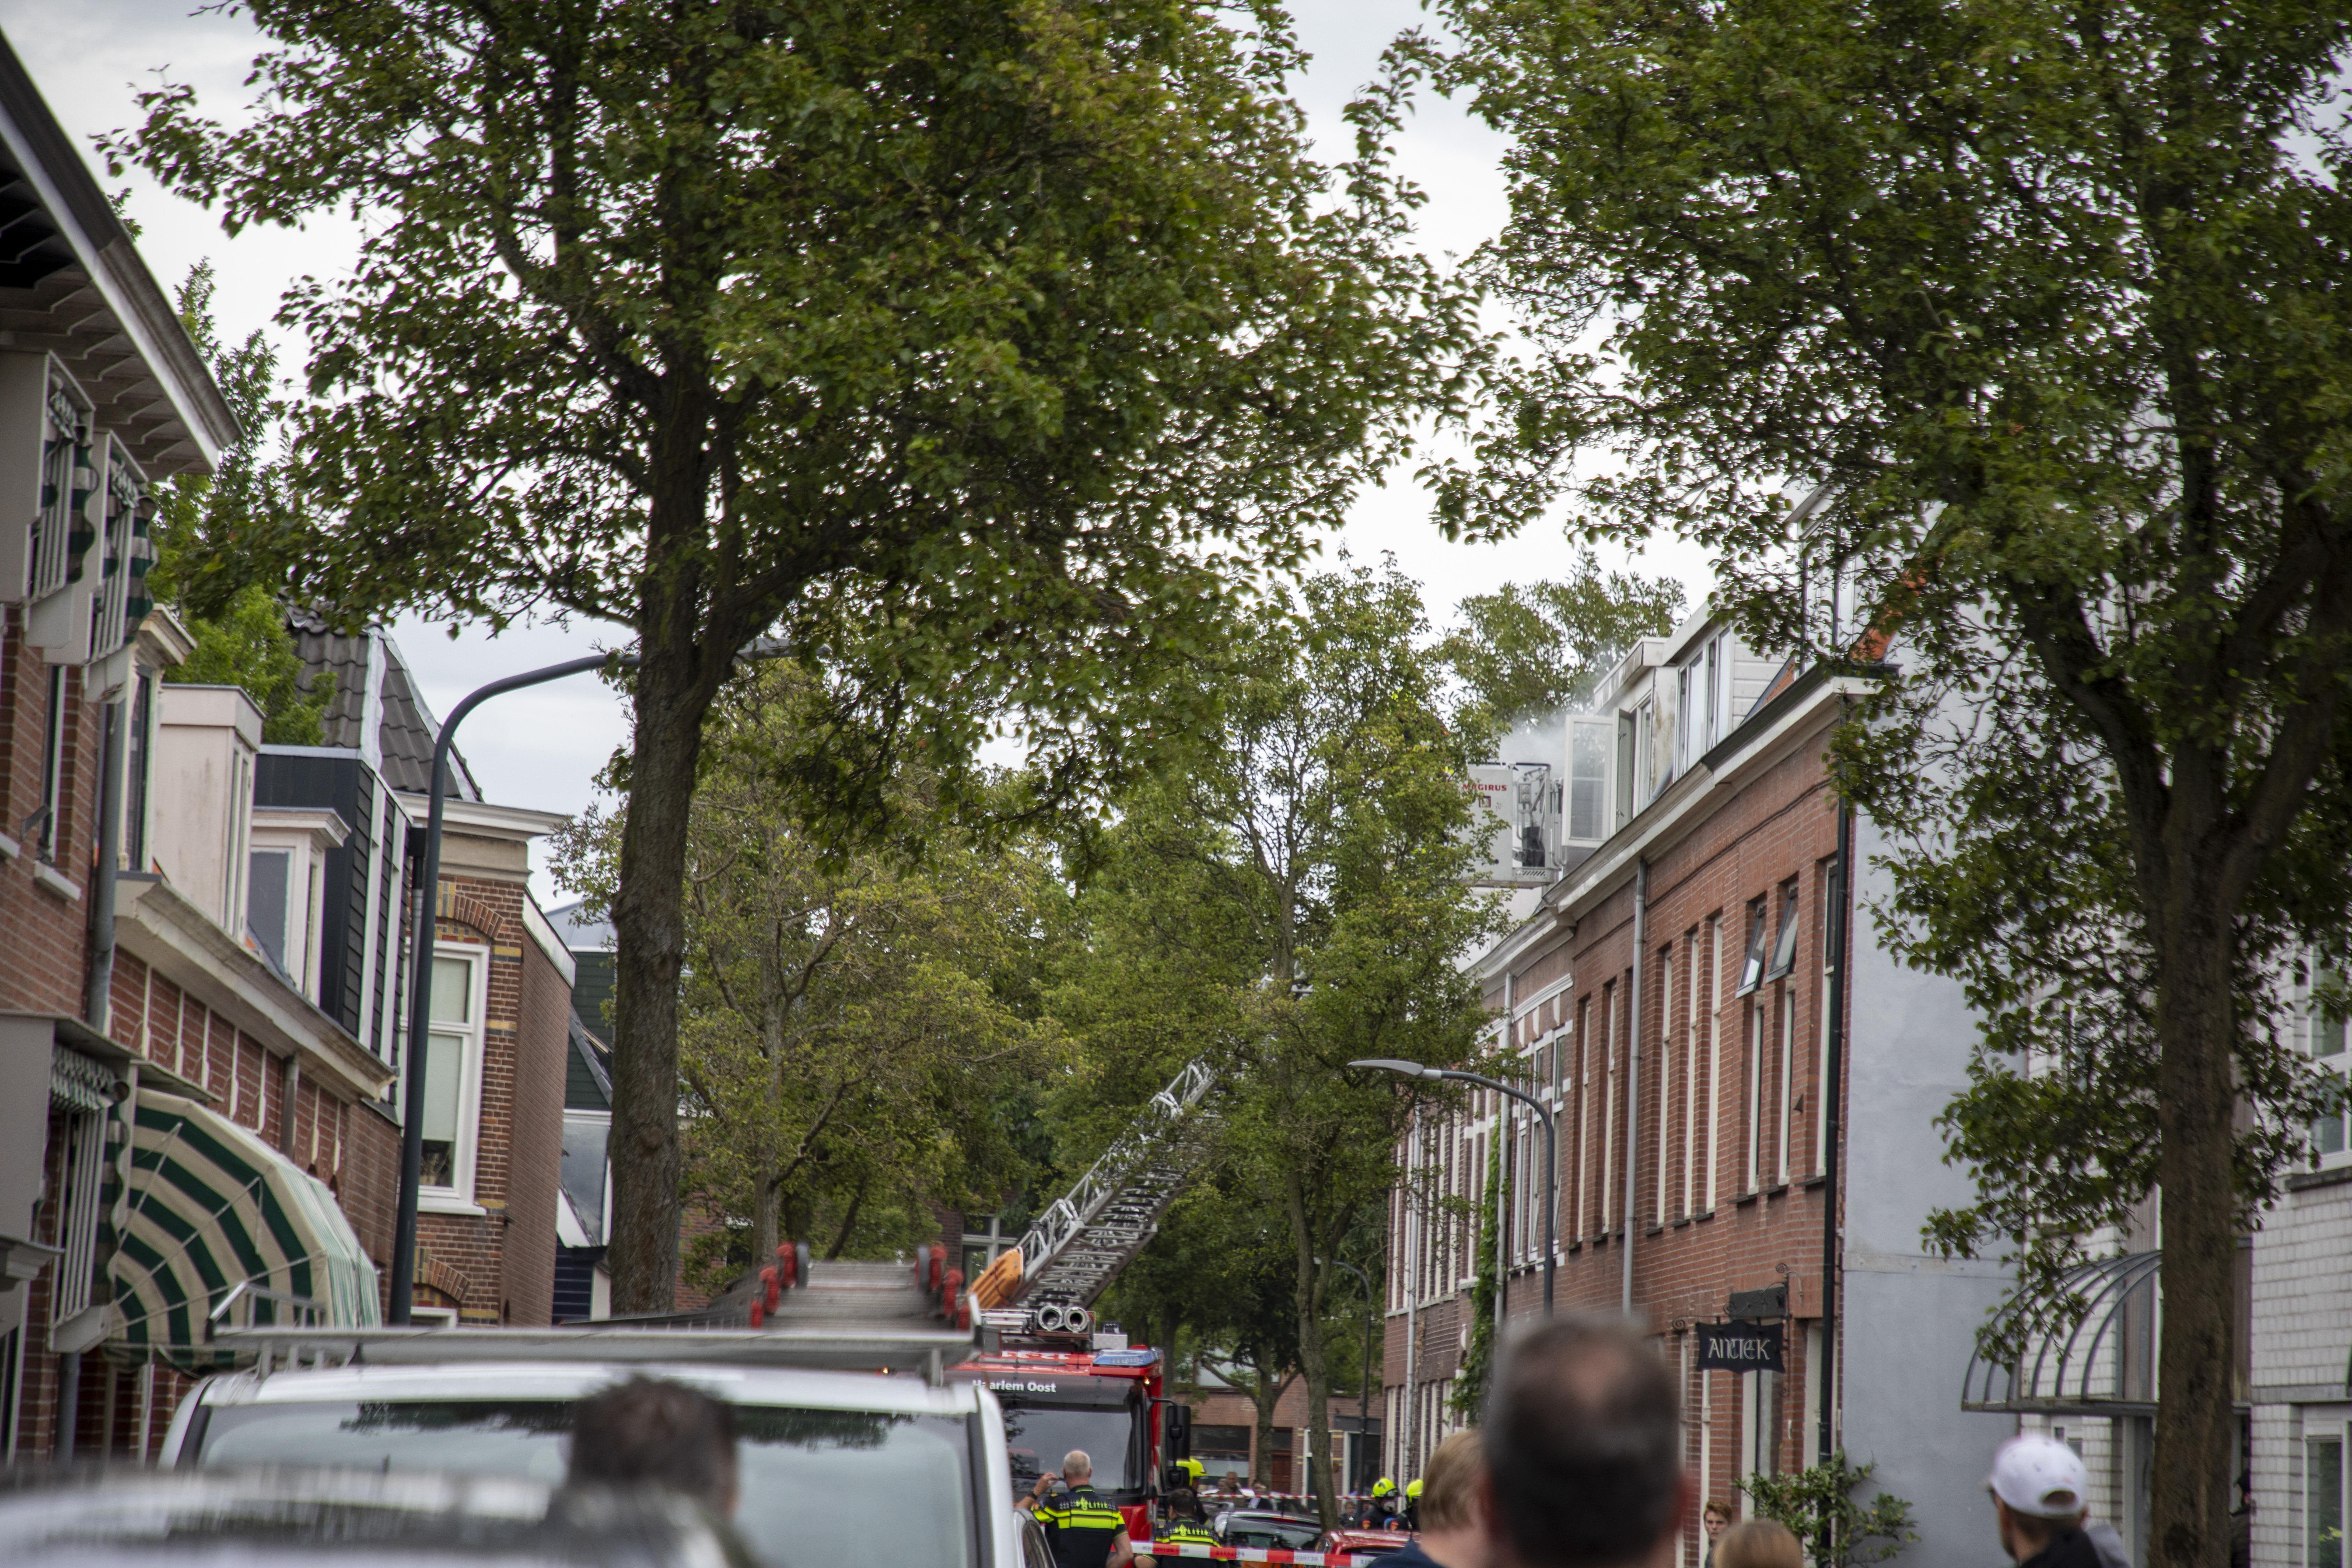 Geluidsoverlast aanleiding dodelijk geweld Romolenstraat in Haarlem